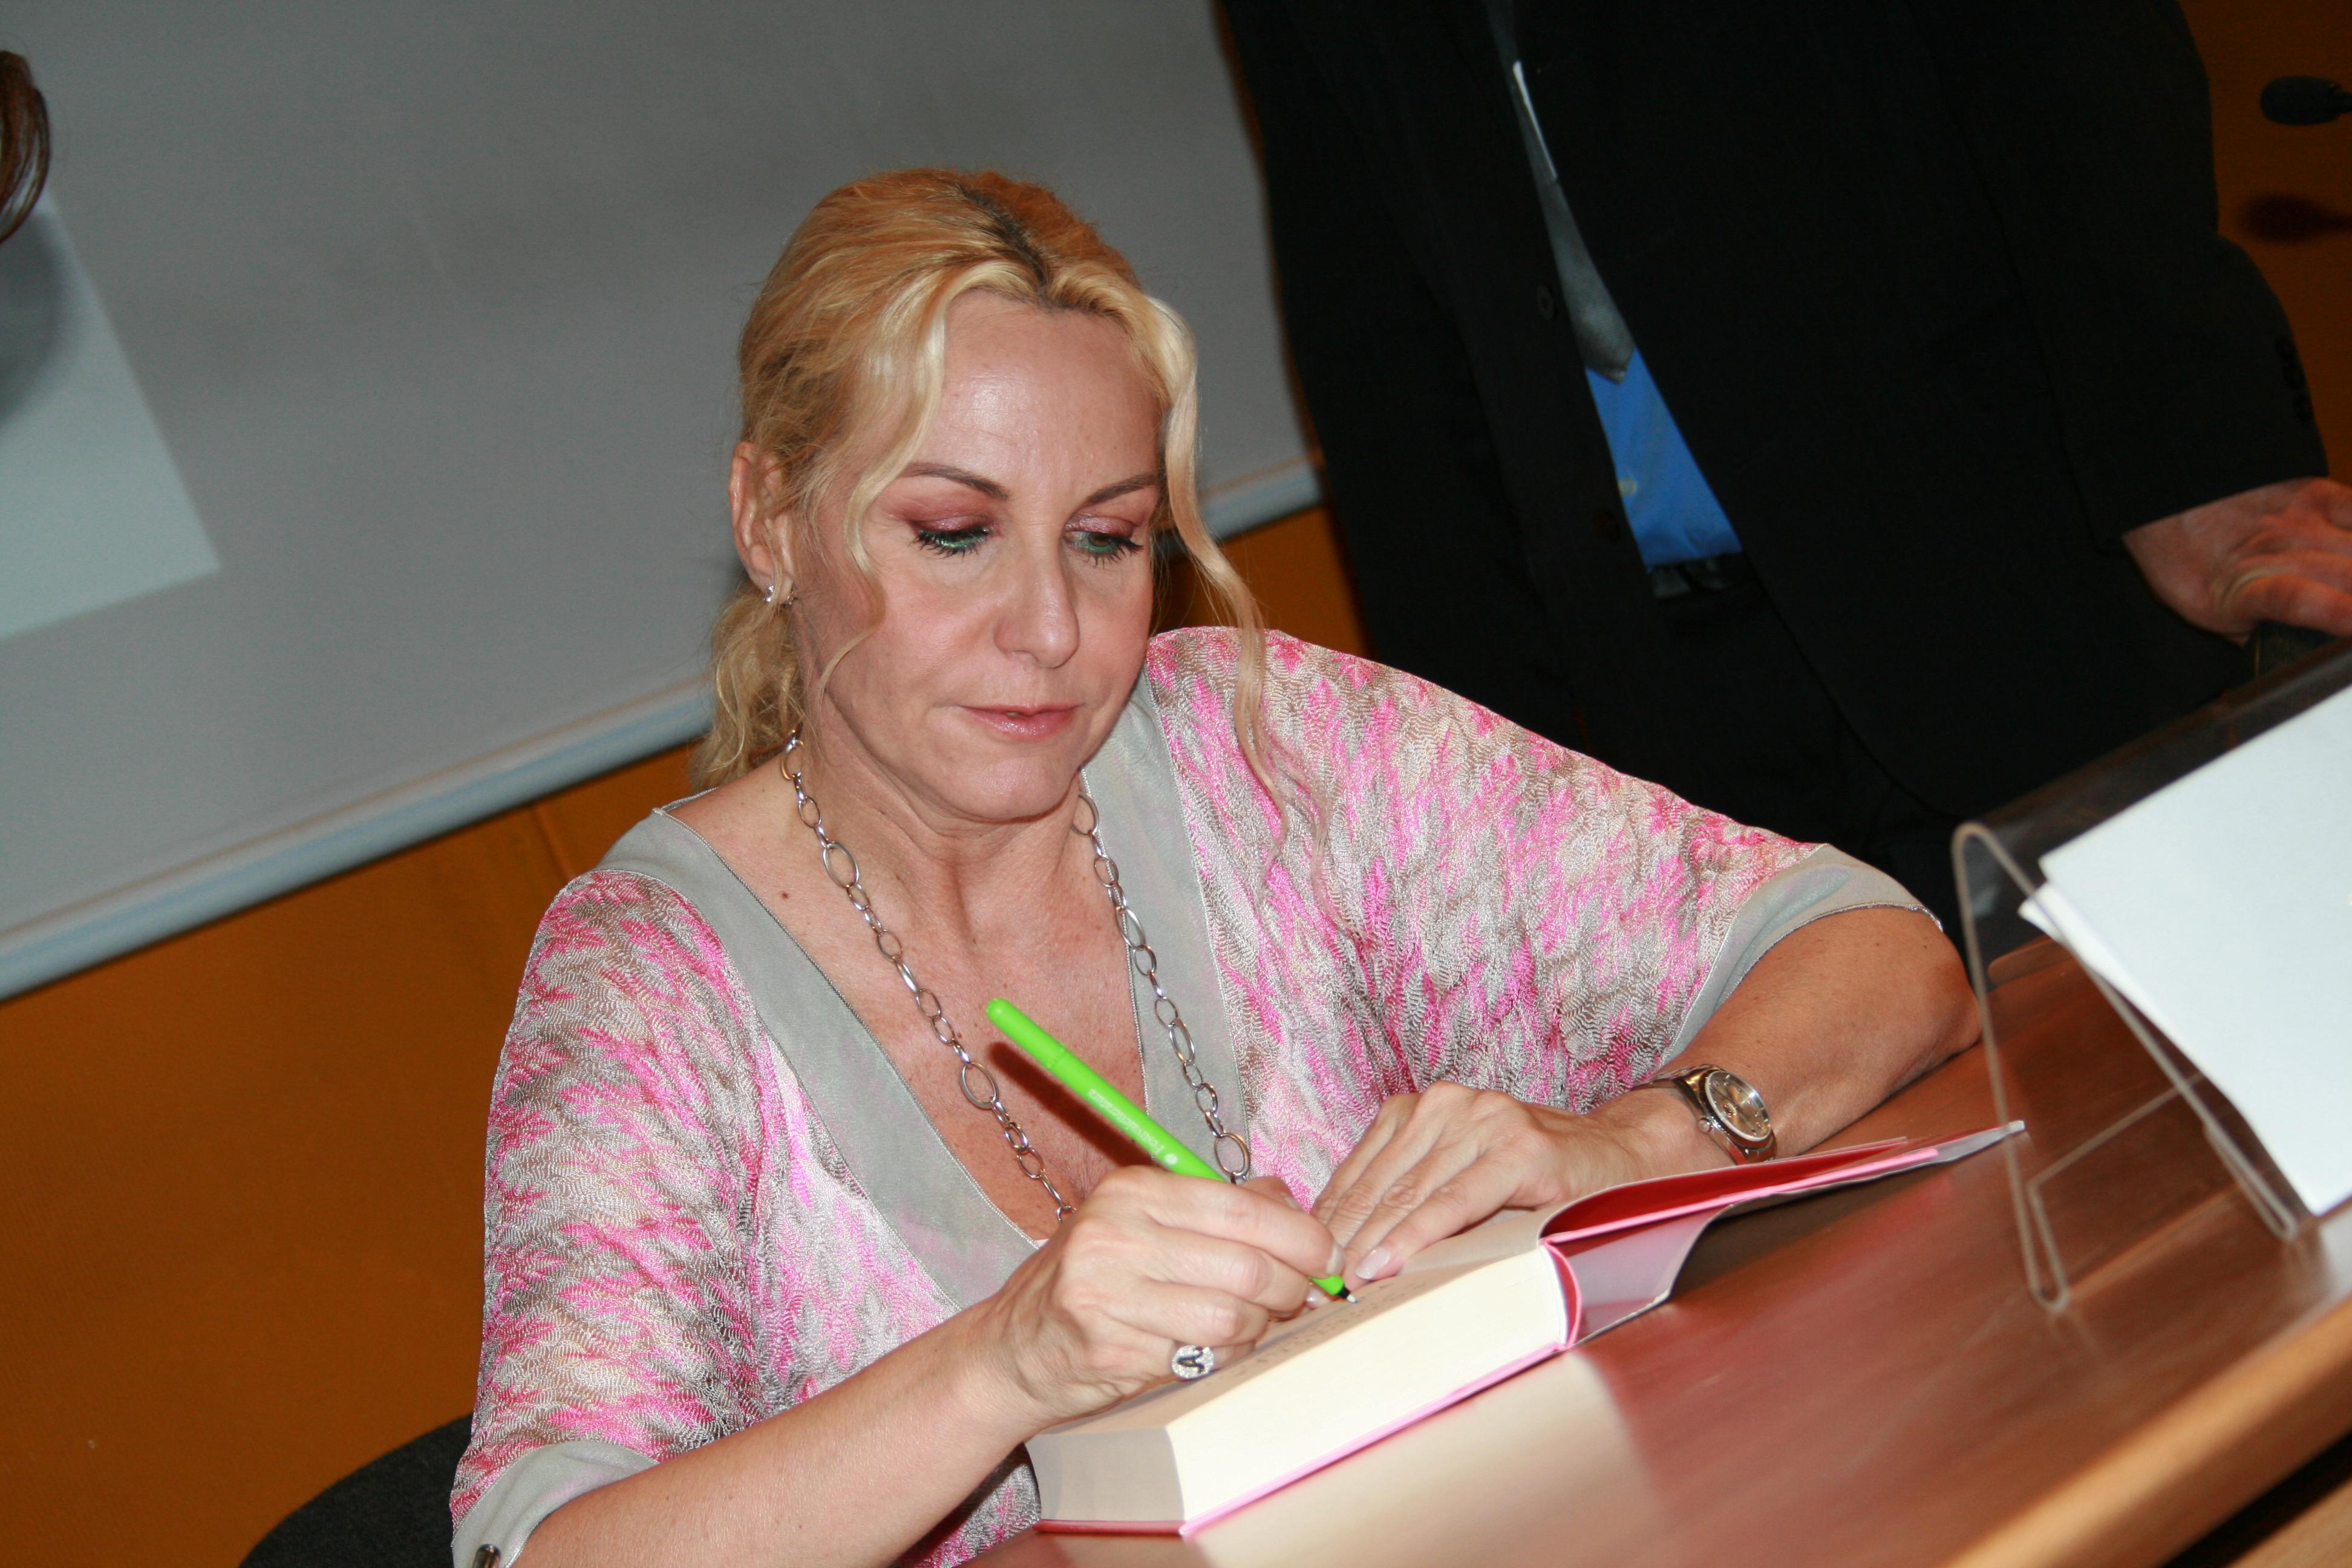 Antonella Clerici - Antonella Clerici